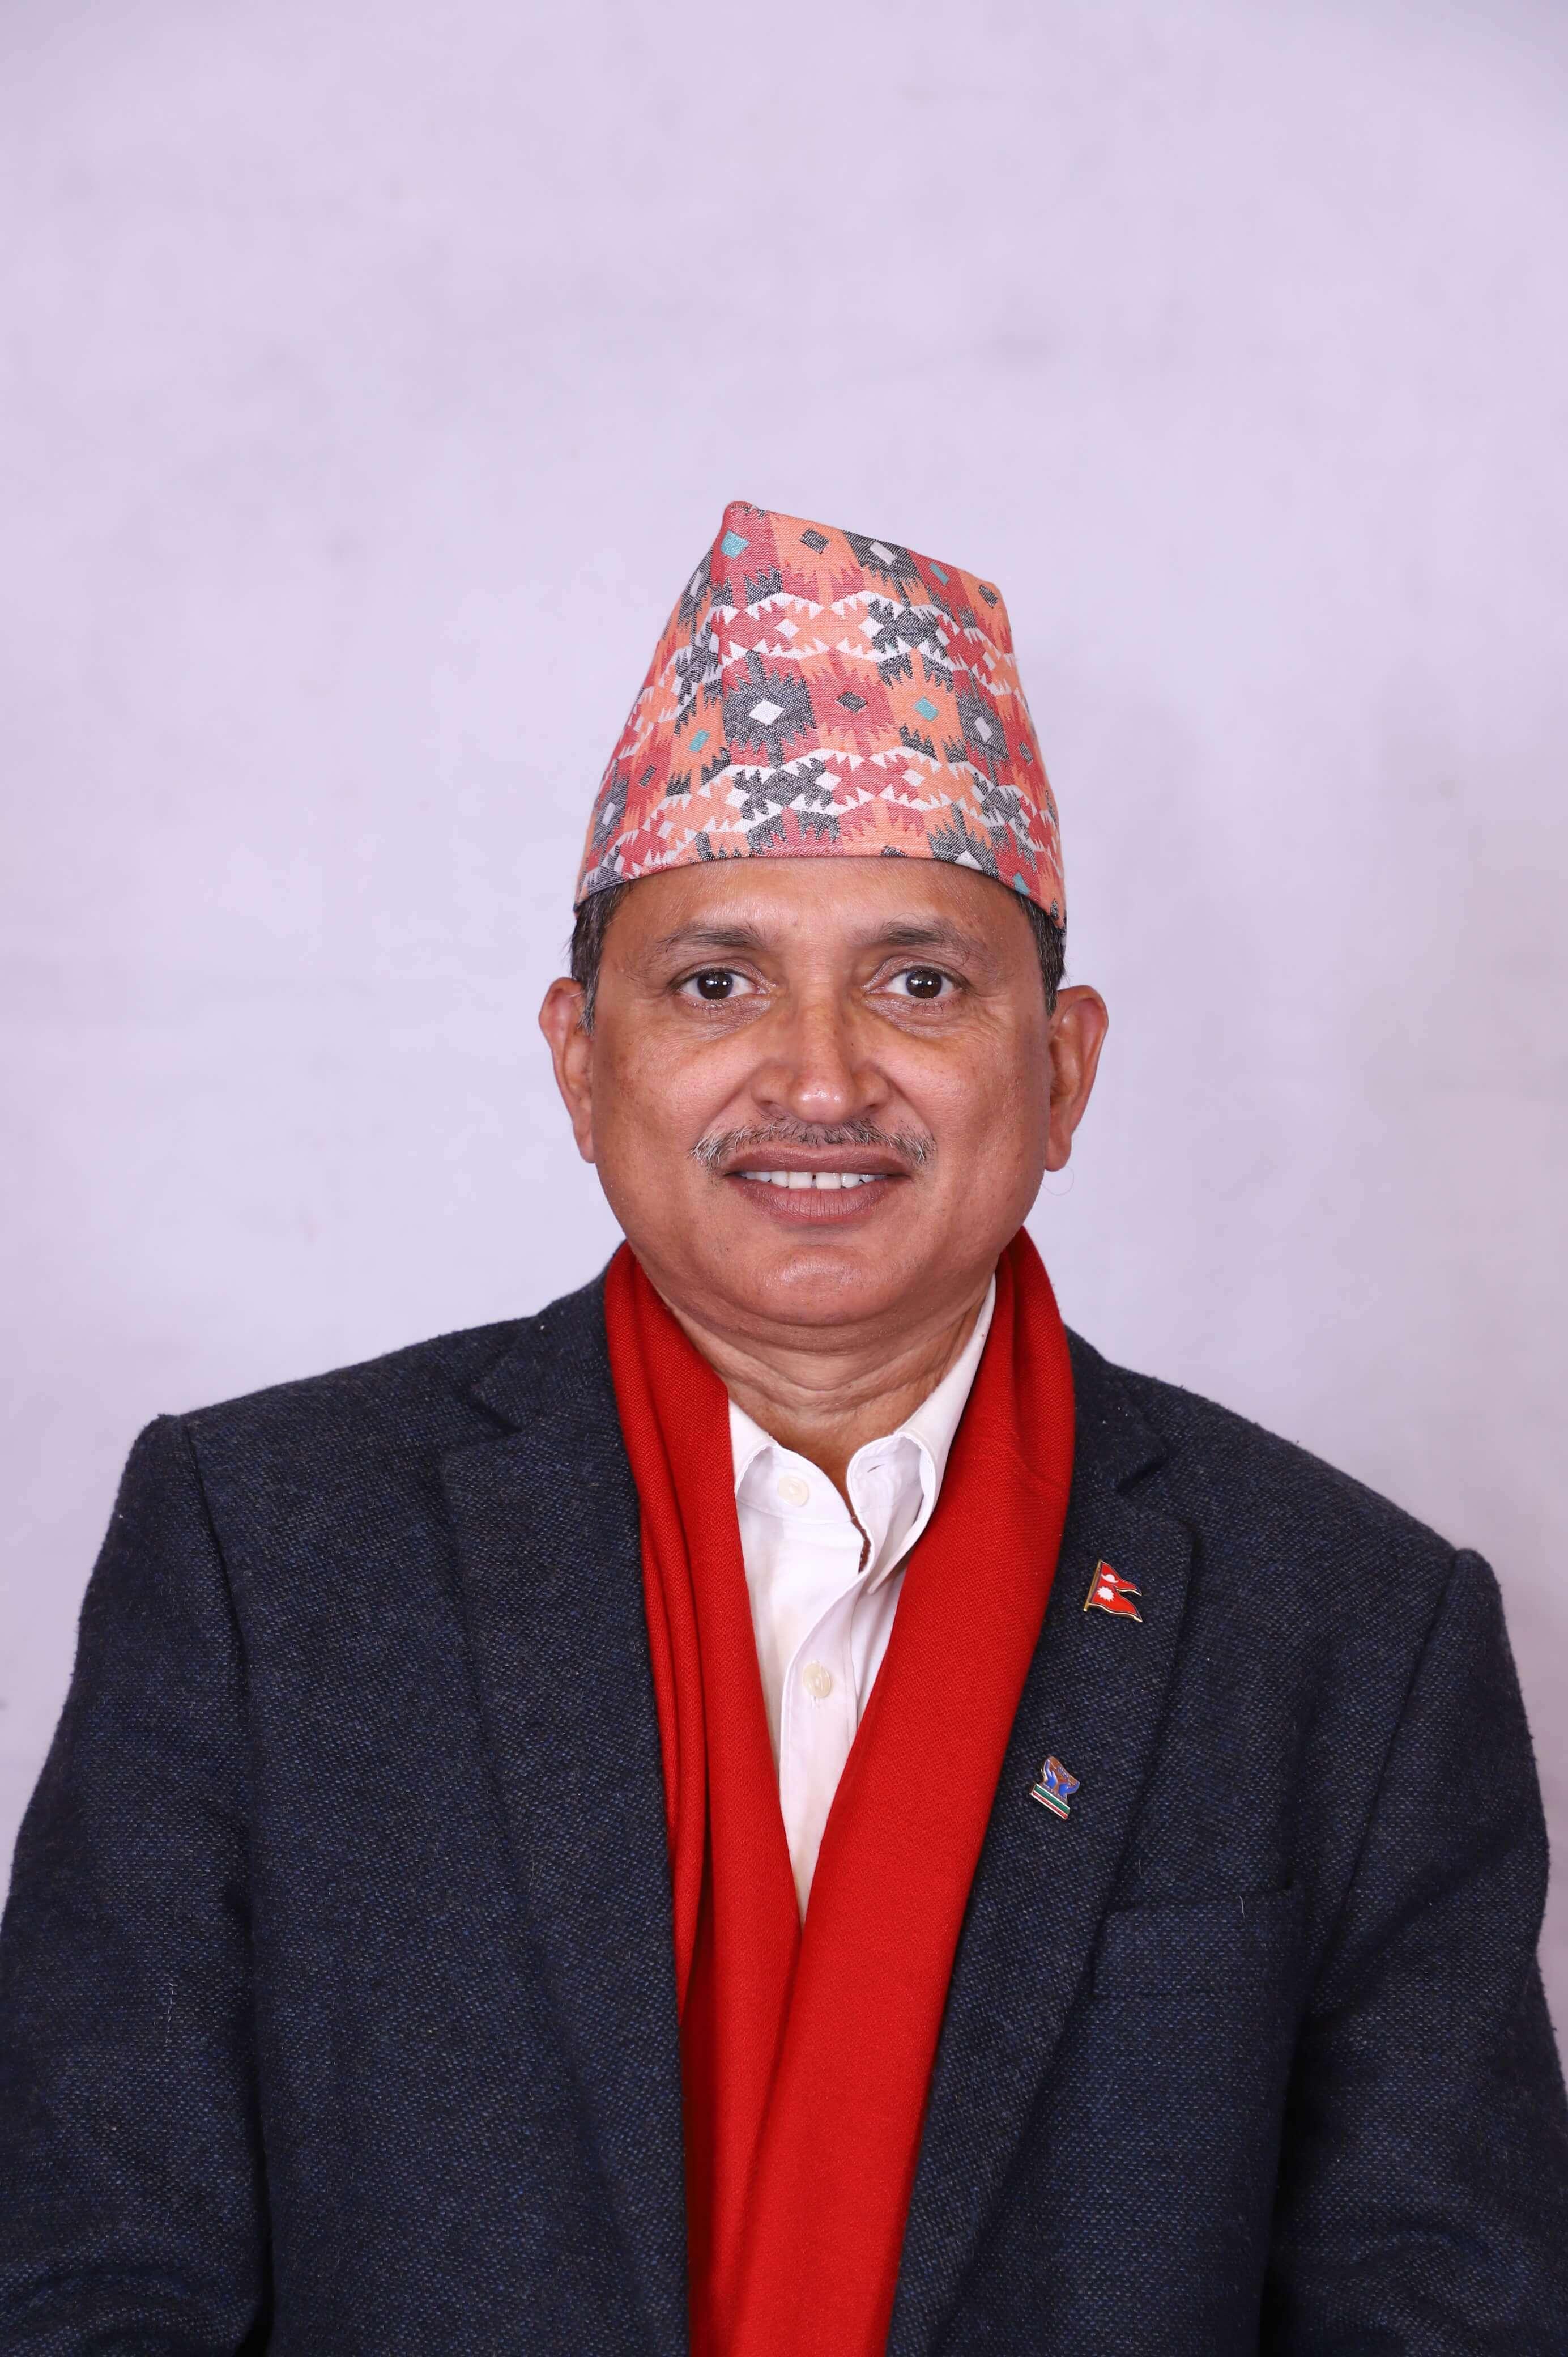 Mr. Nabaraj Sapkota